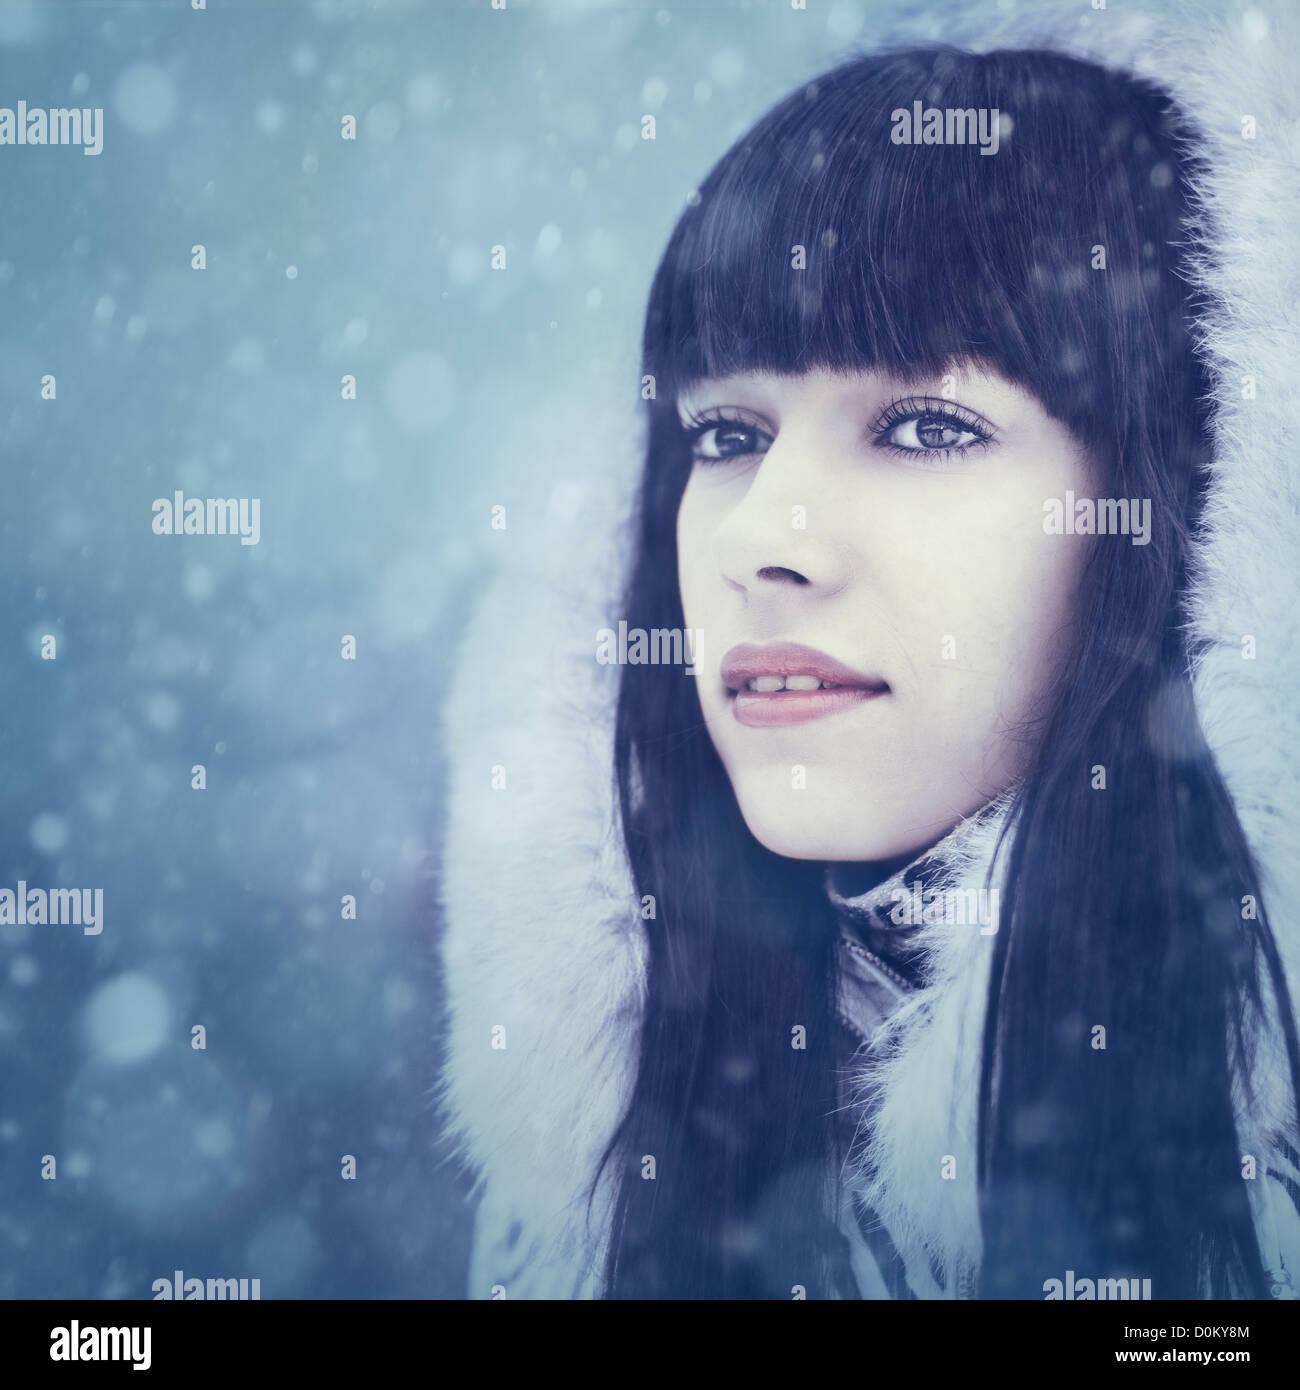 Chica de invierno. Belleza retrato femenino Imagen De Stock